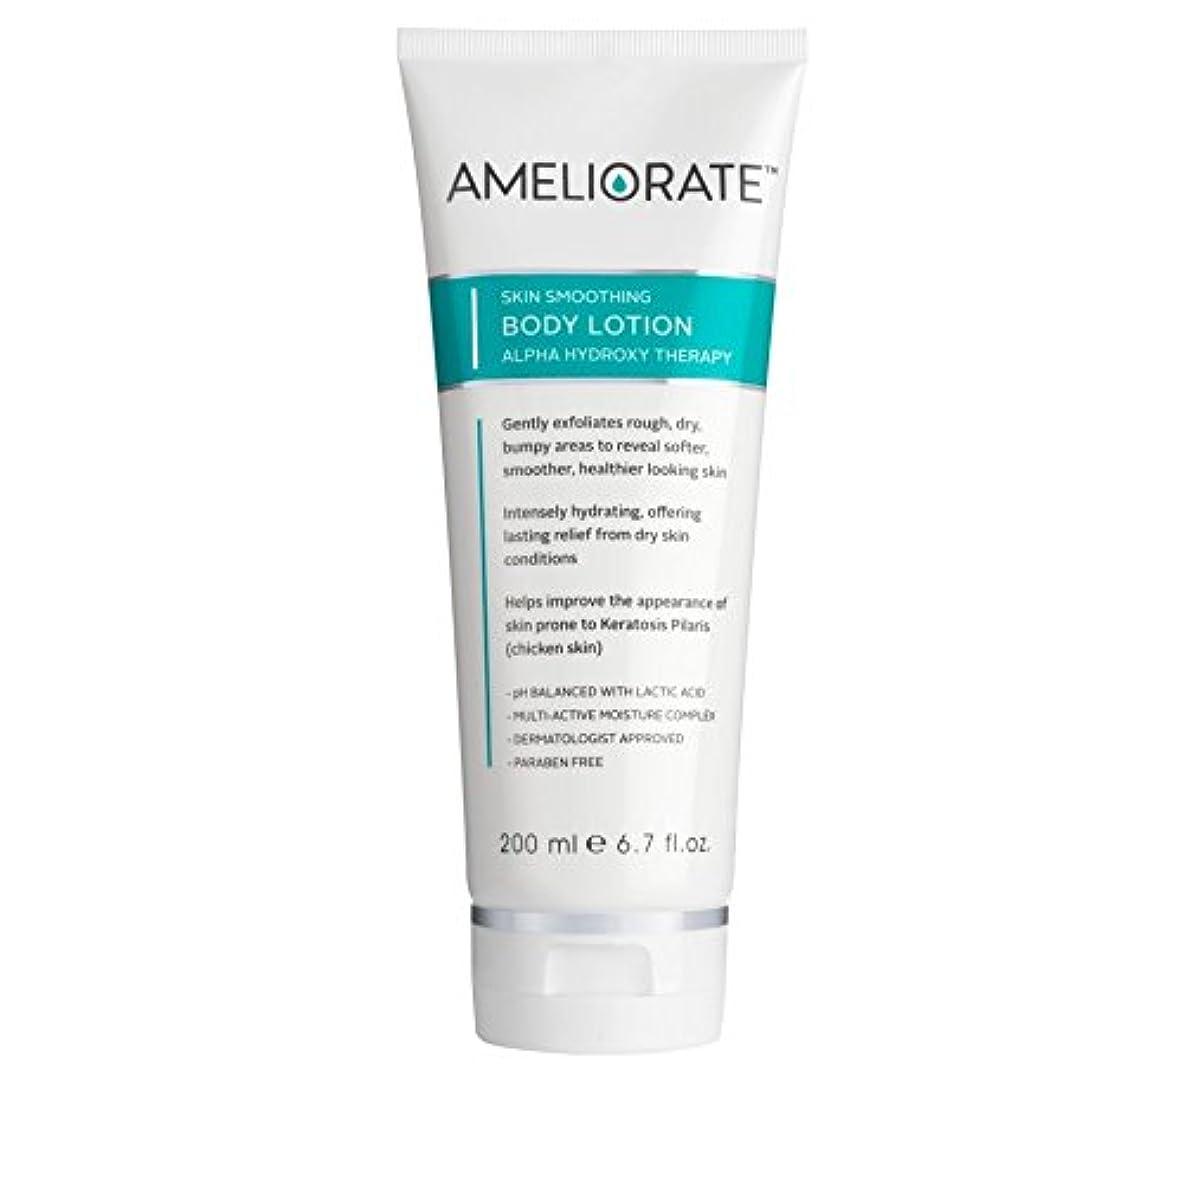 吐くジェーンオースティン汚れたAmeliorate Skin Smoothing Body Lotion 200ml - ボディローション200ミリリットルを滑らかに肌を改善 [並行輸入品]